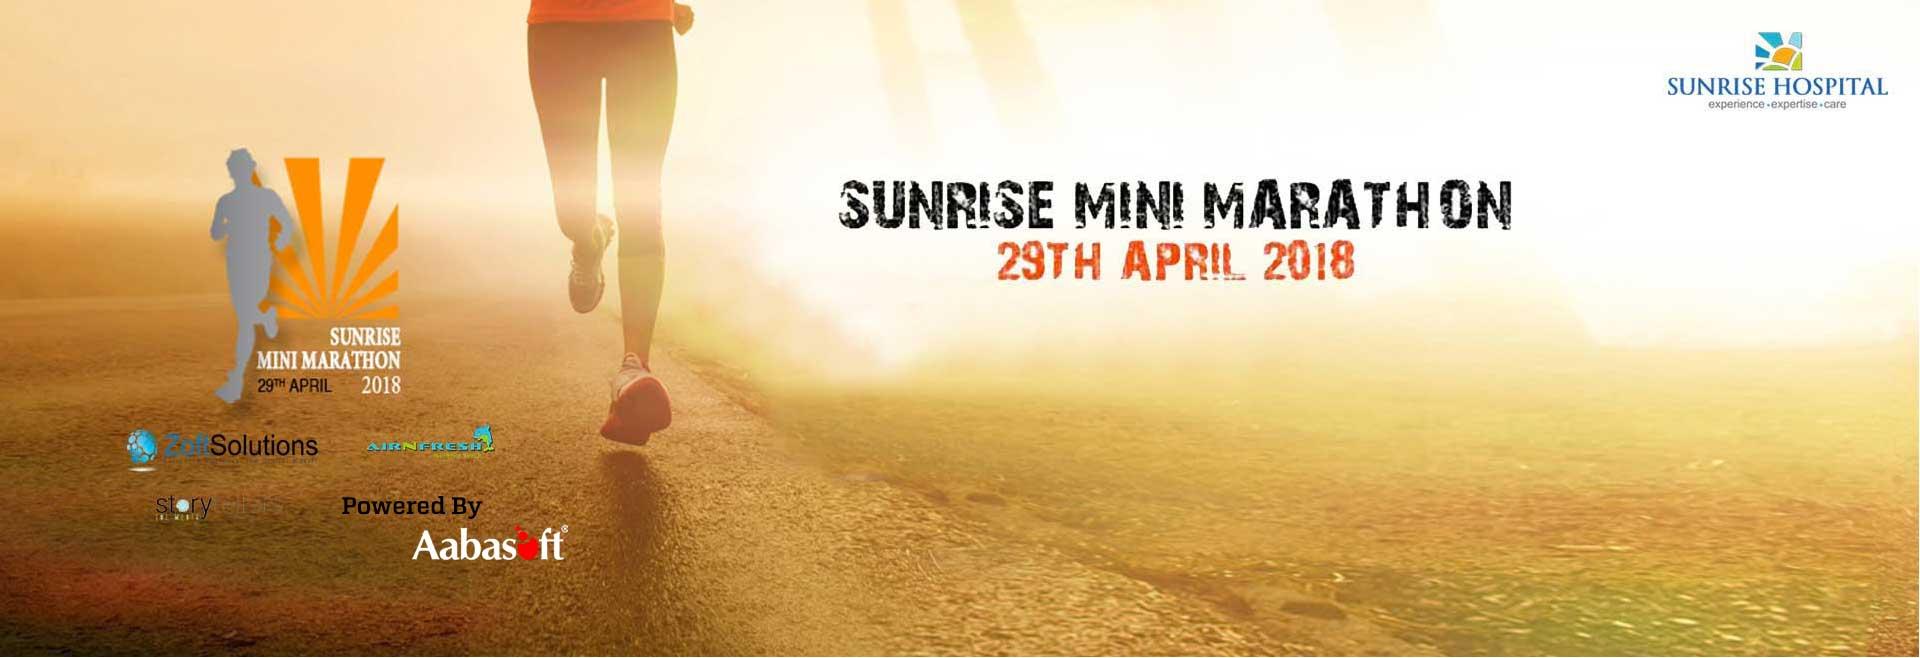 Sunrise Mini Marathon 2018